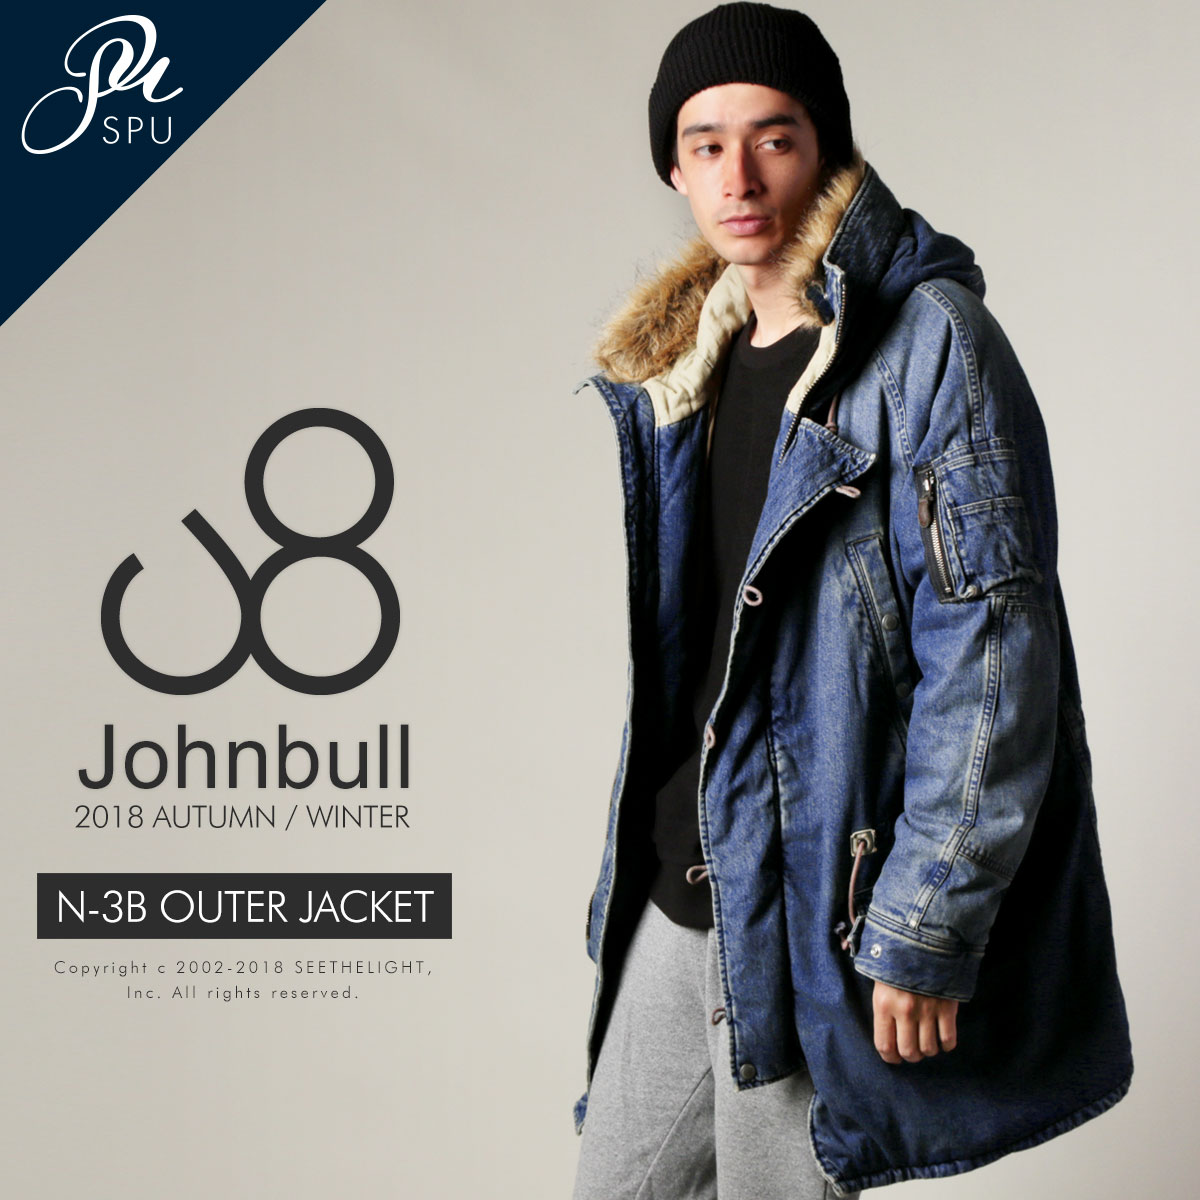 アウター メンズ USED 加工デニム N-3B シベリアン アウタージャケット Johnbull ジョンブル 16615 冬 ユーズド インディゴ ブルー ジャケット〓予約販売・10月上旬〜中旬頃発送予定〓